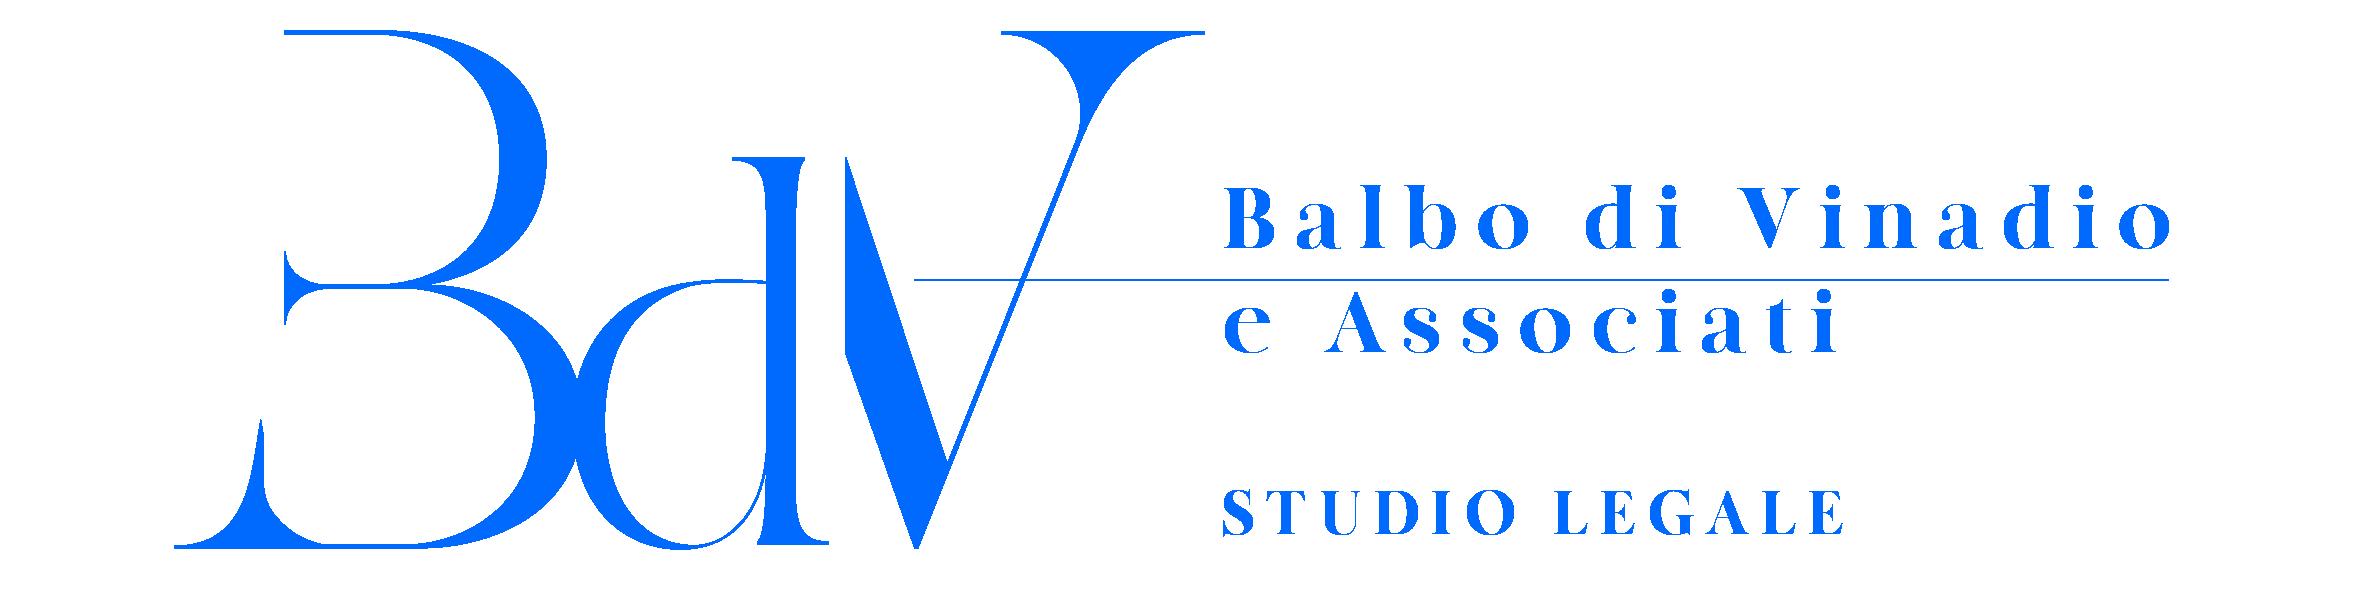 Balbo di Vinadio e Associati